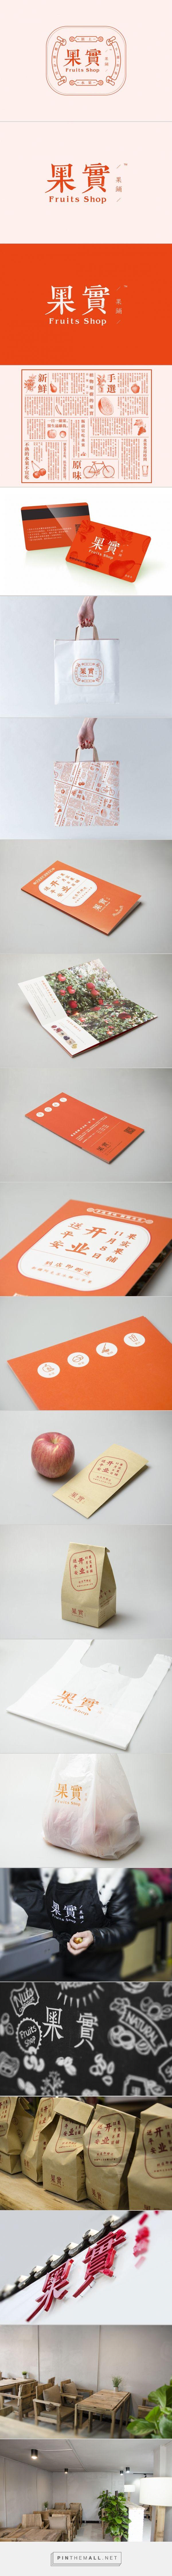 果實果铺品牌设计 | Mintbrand Design - created via http://pinthemall.net